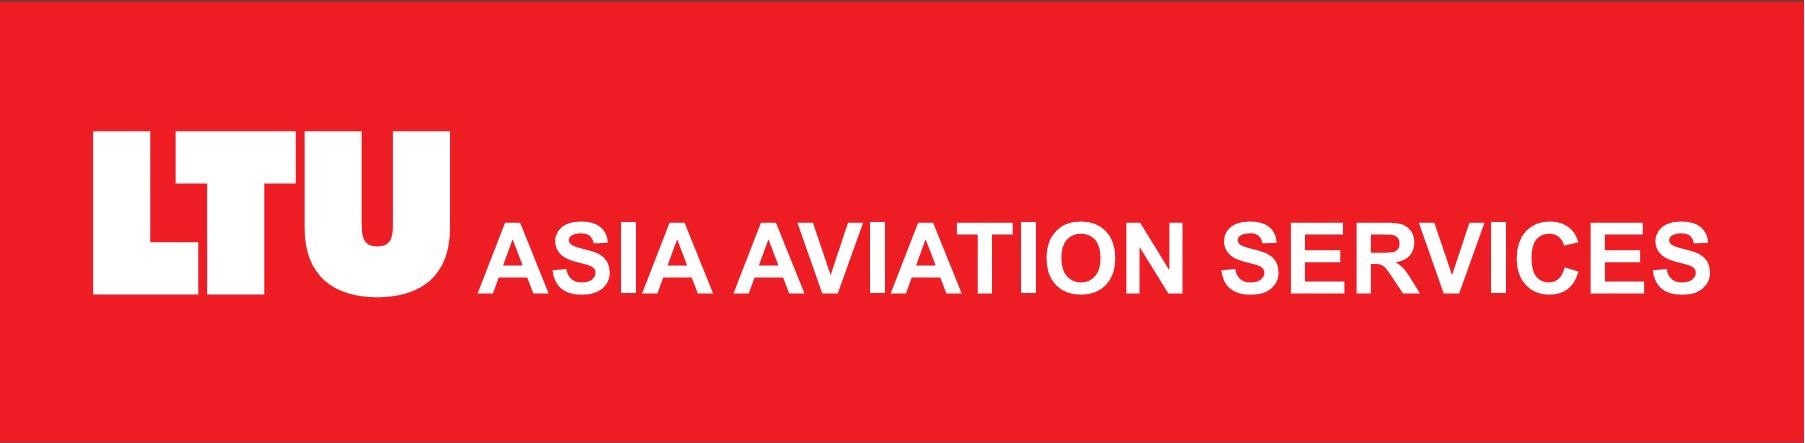 LTU Asia Aviation Services